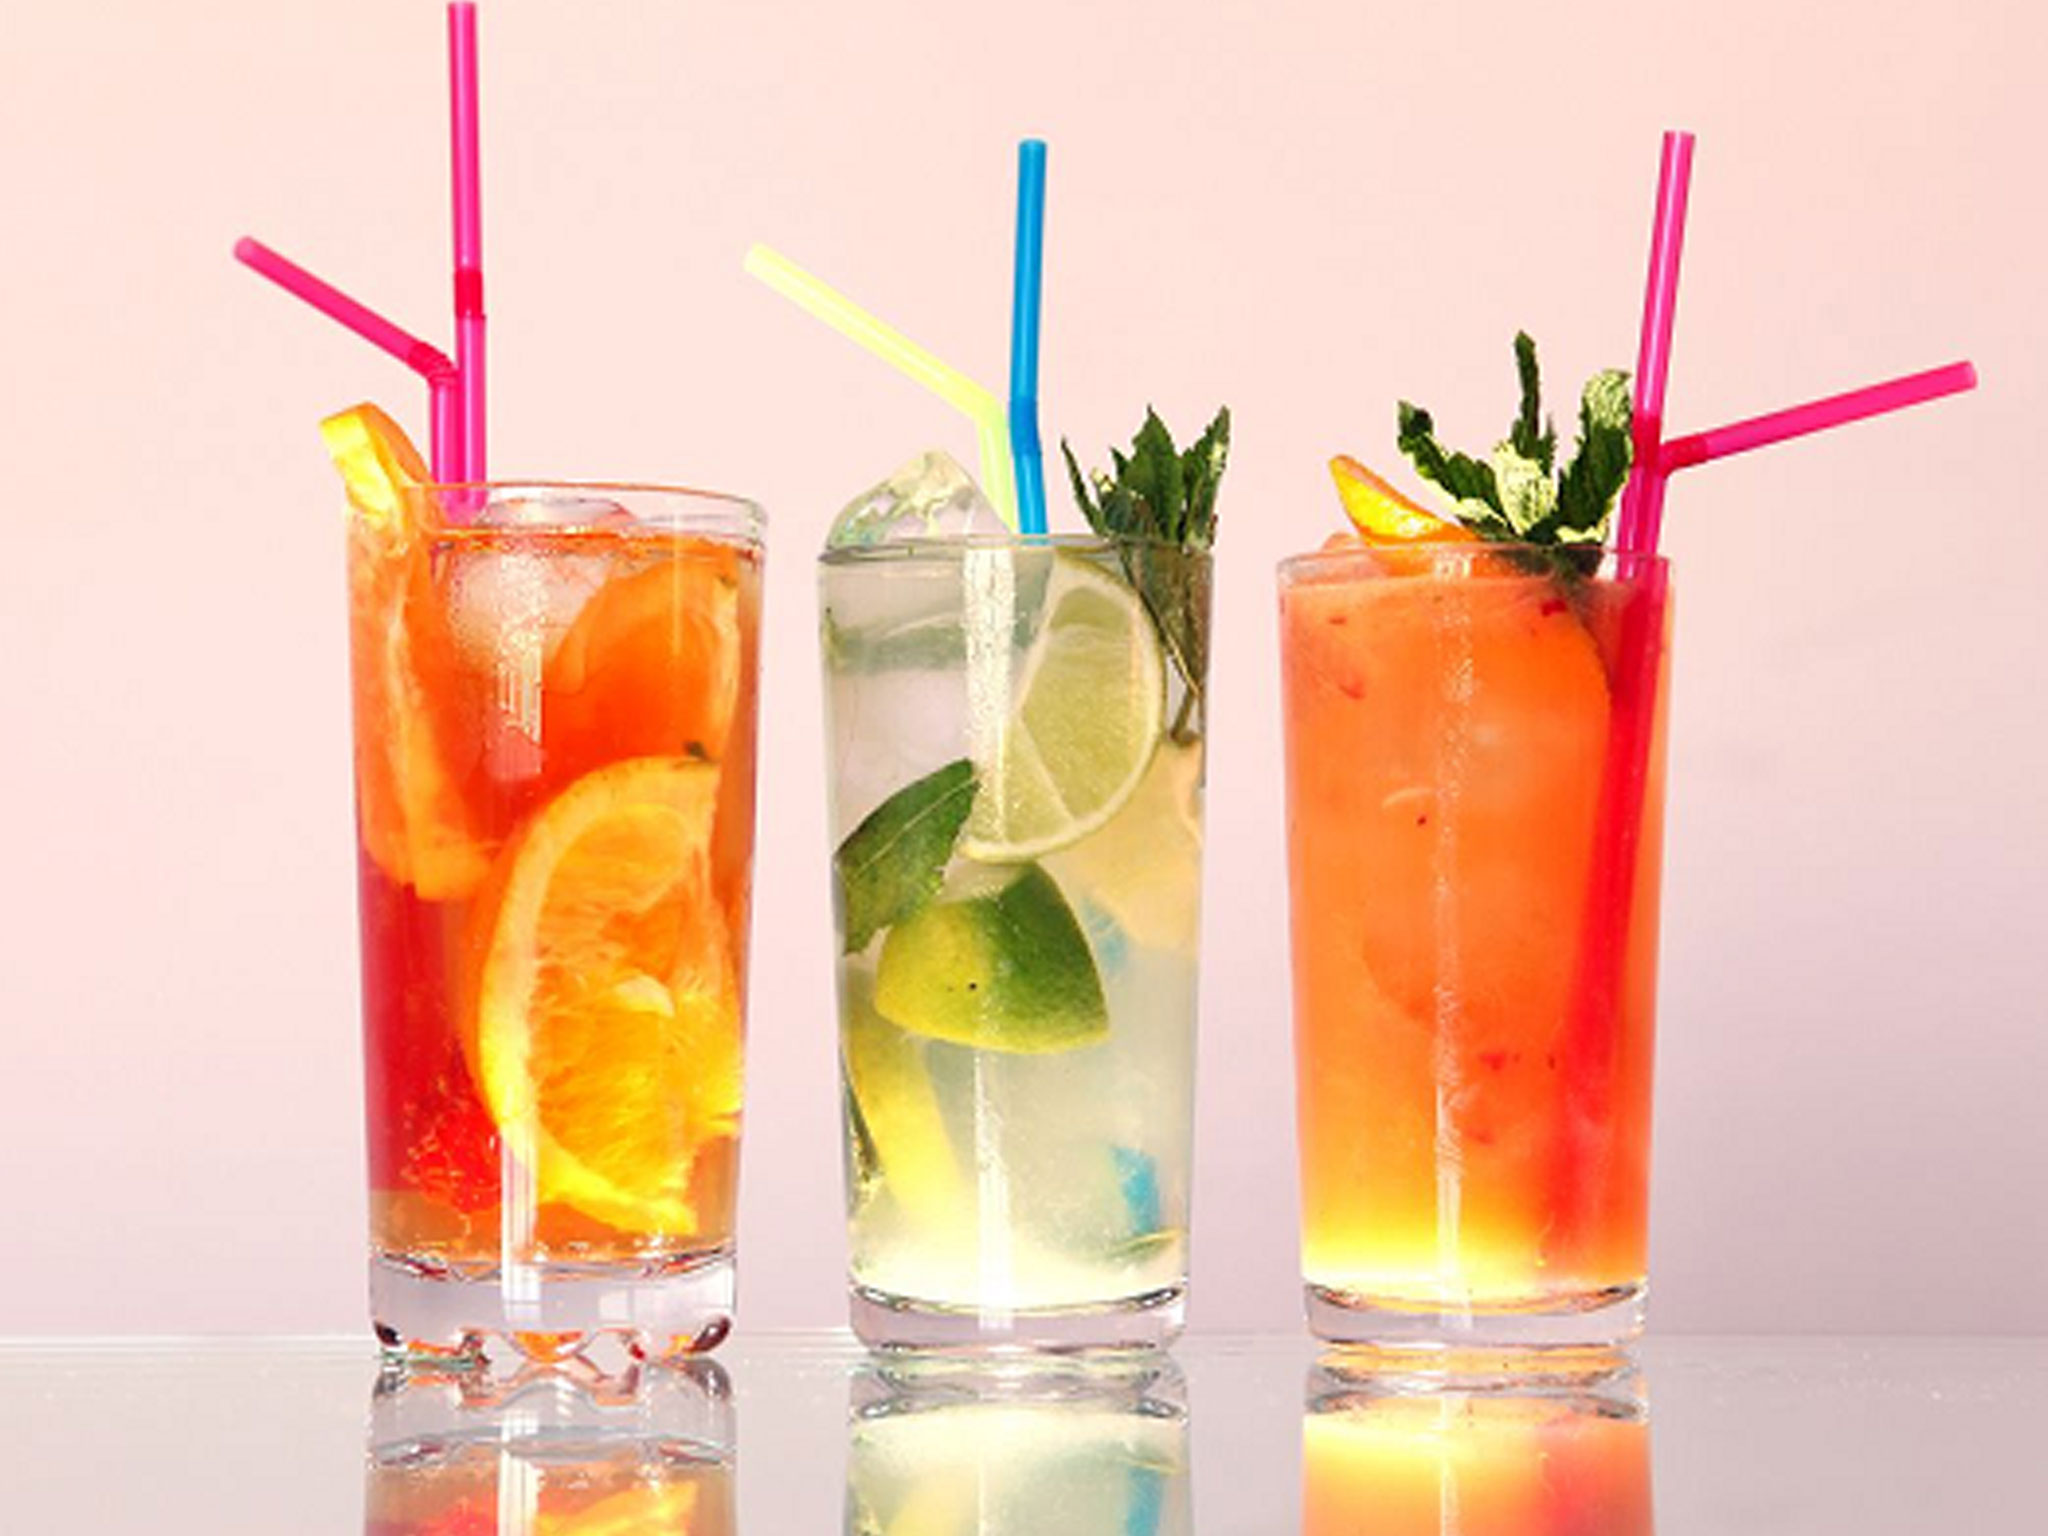 Мужики пьют мужские коктейли, а не гламурное пойло